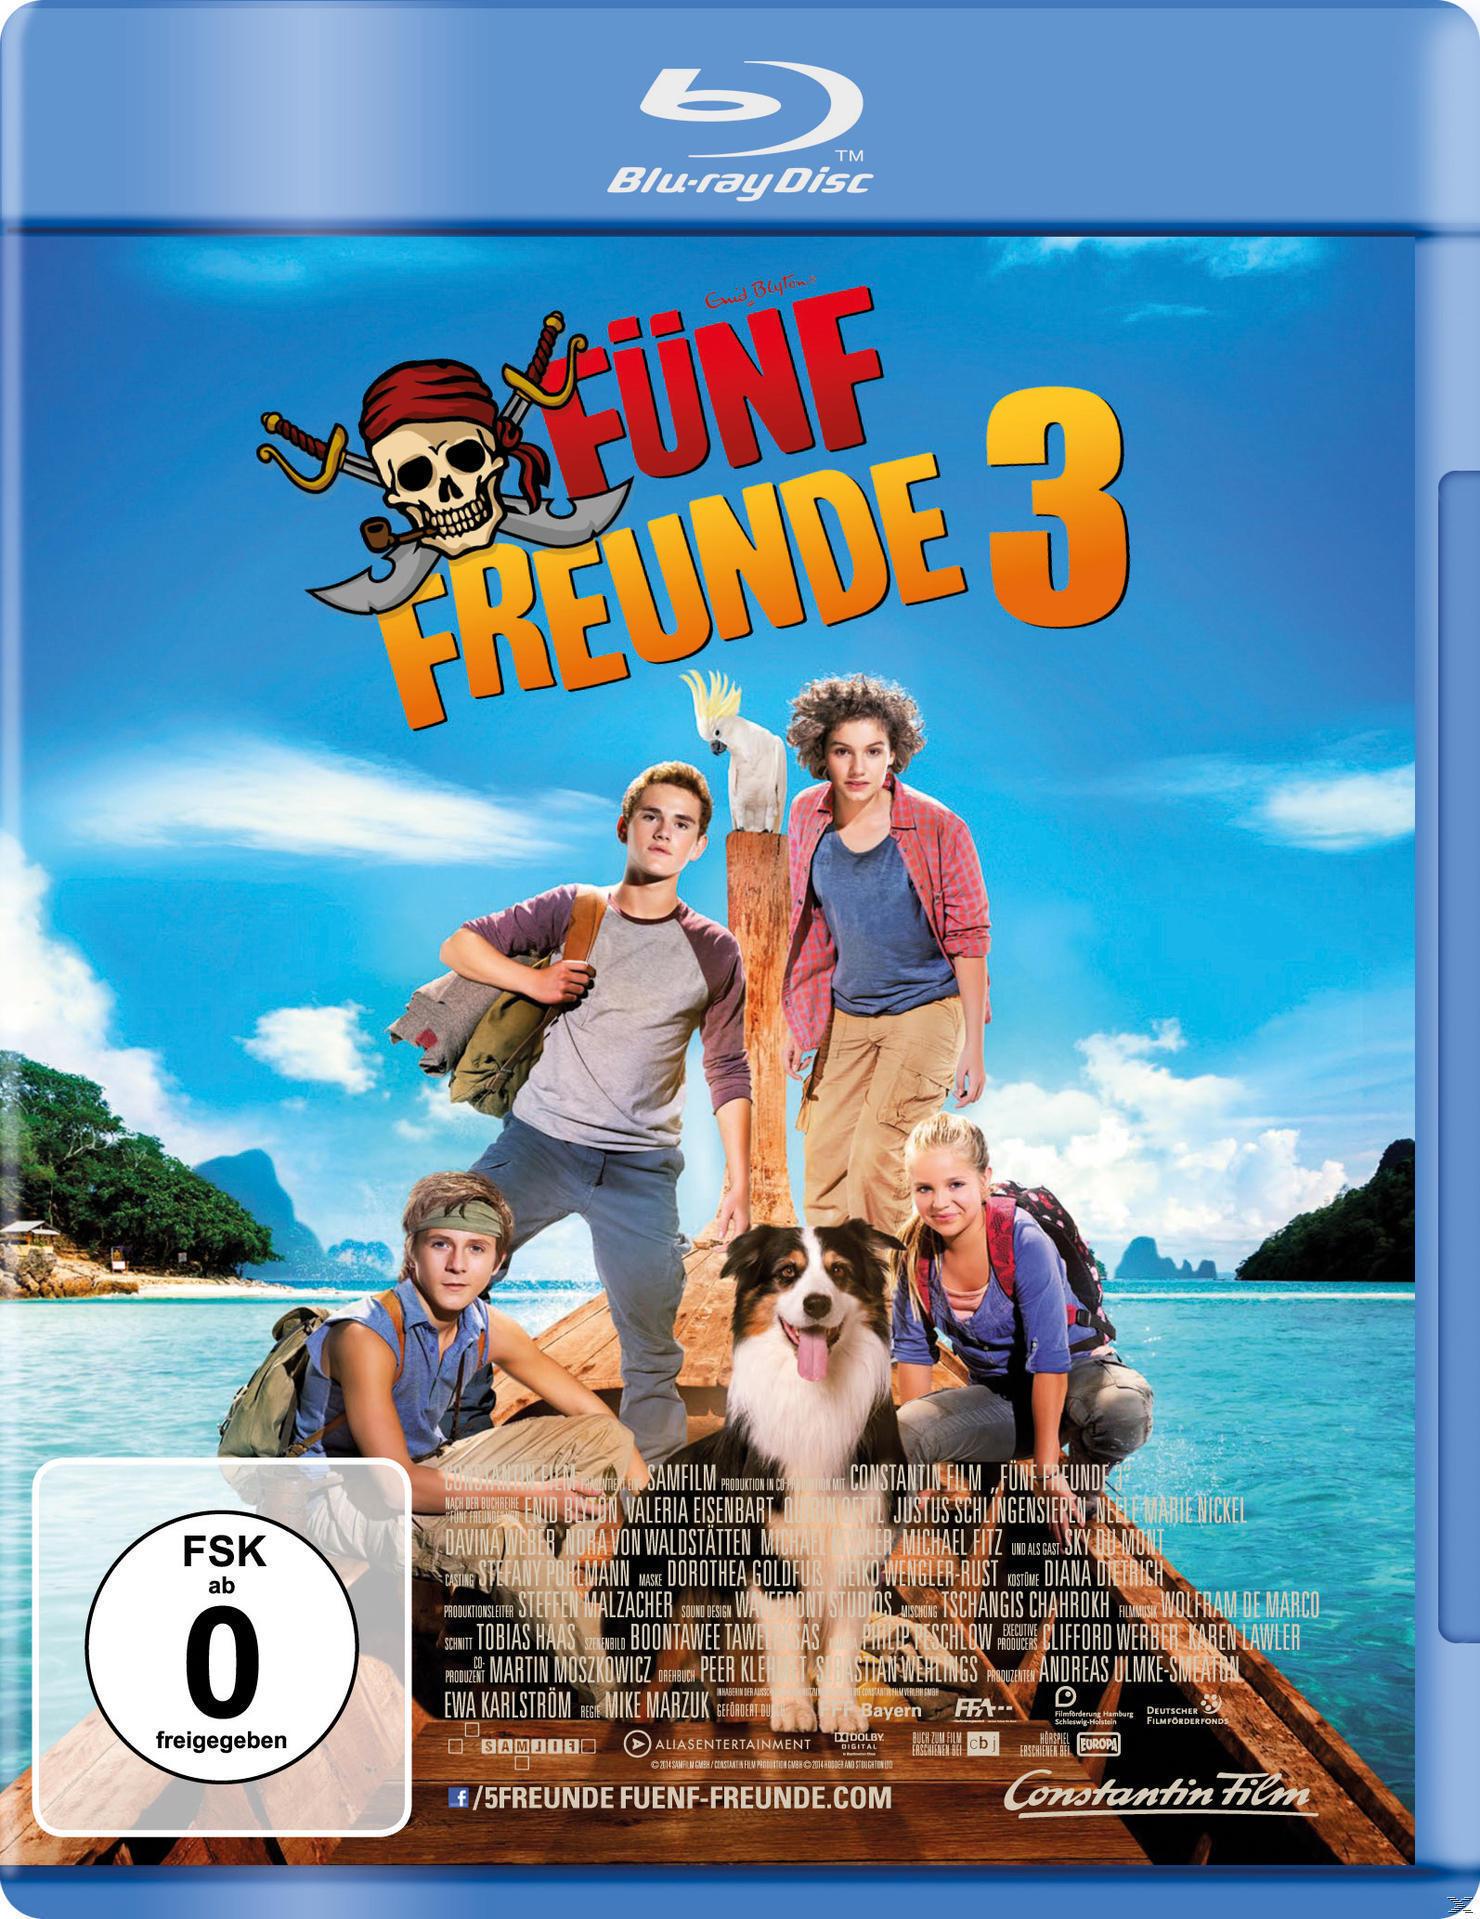 Fünf Freunde 3 (BLU-RAY) für 8,99 Euro